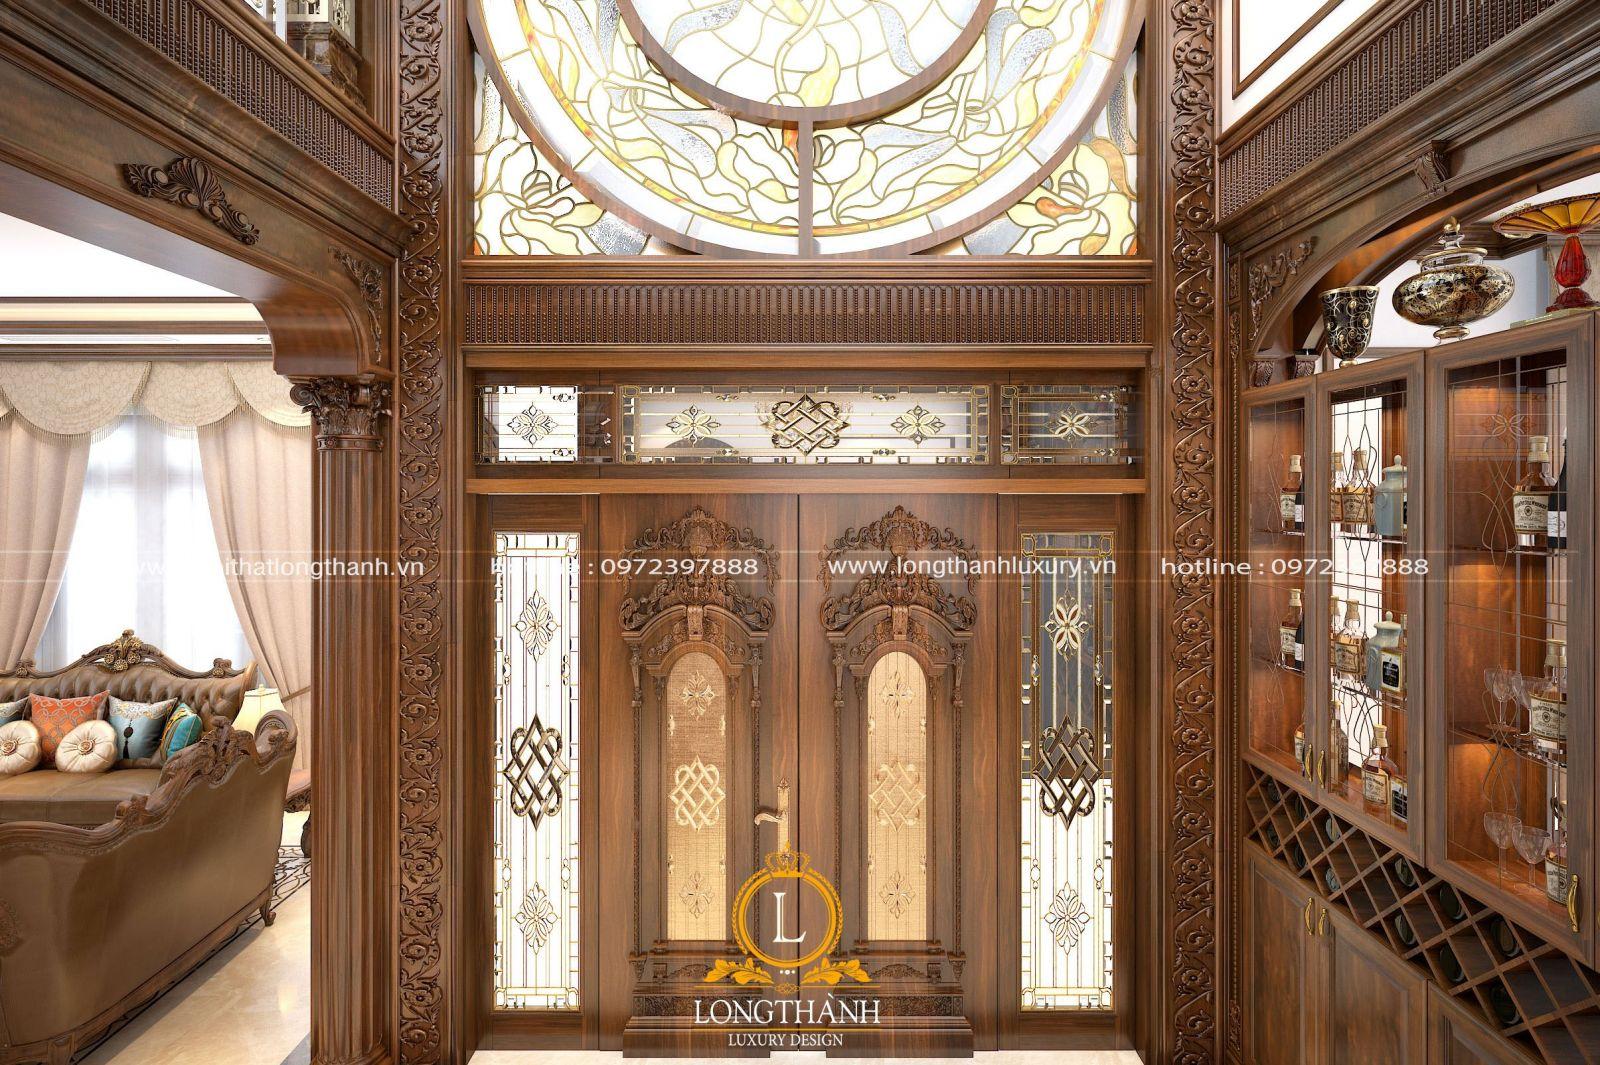 Cửa gỗ kính tân cổ điển với thiết kế tinh tế kiểu dáng sang trọng hiện đại